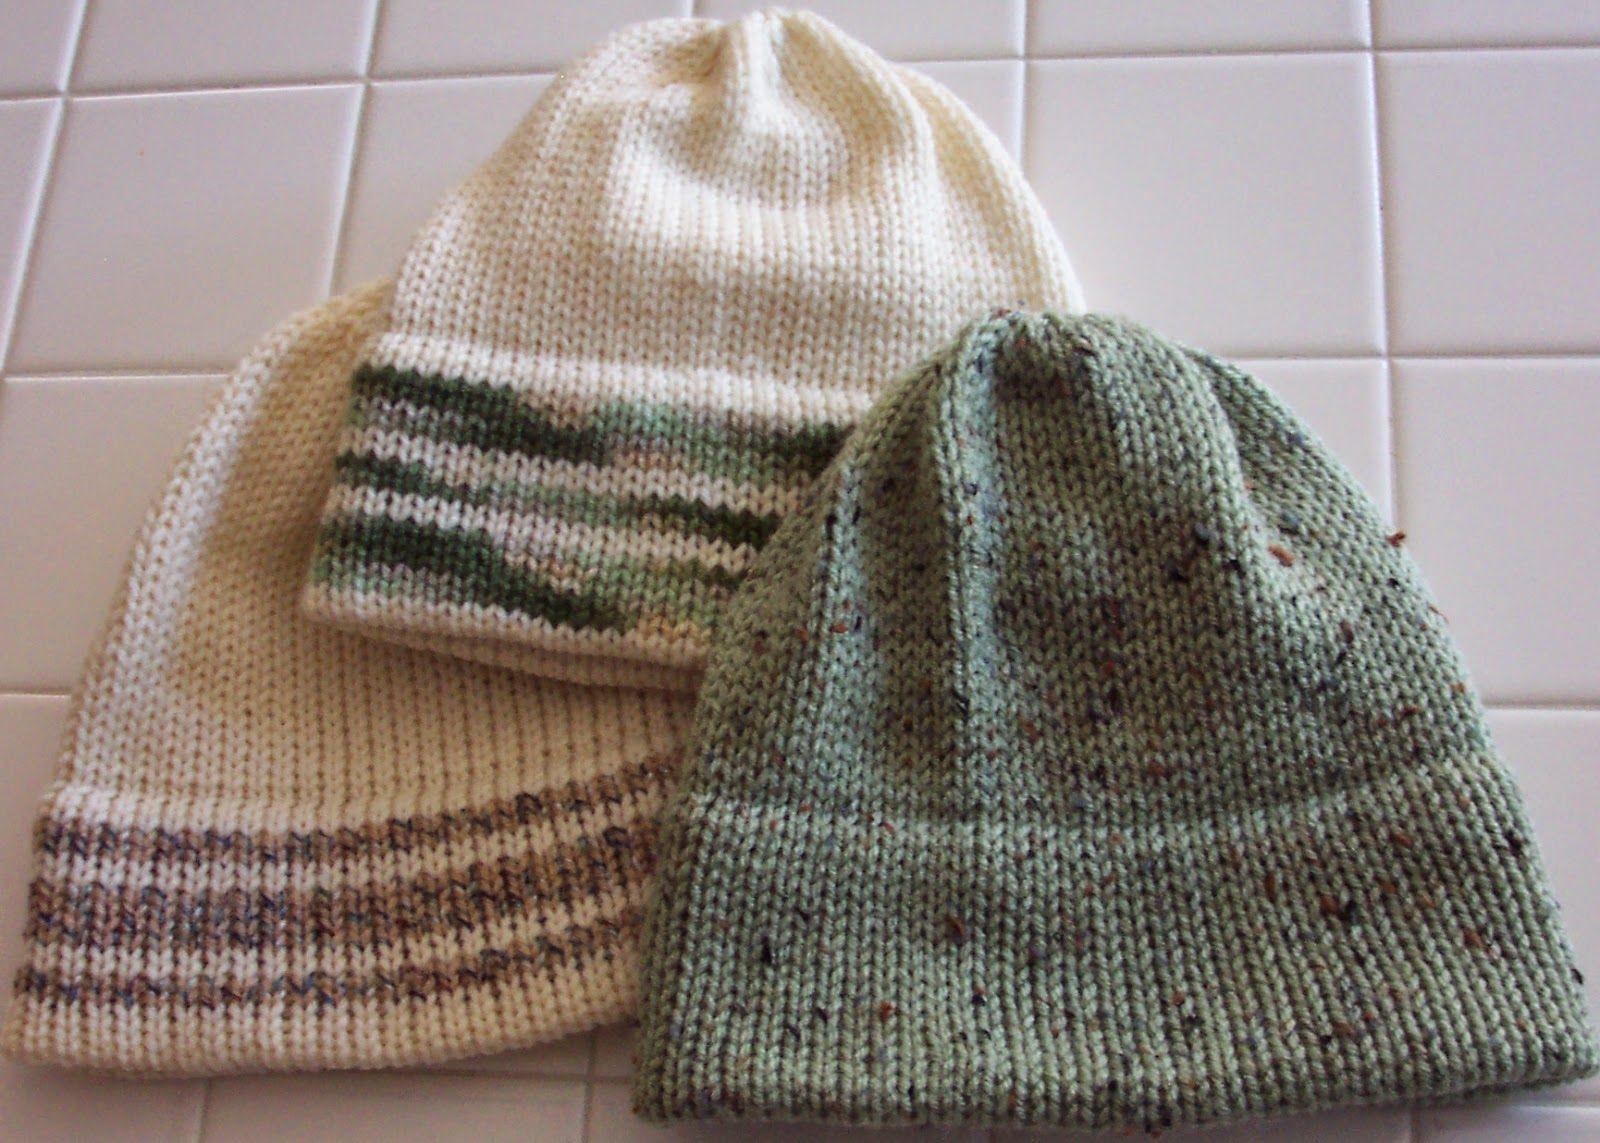 43 best Knitting-machine knitting images on Pinterest | Knitting ...